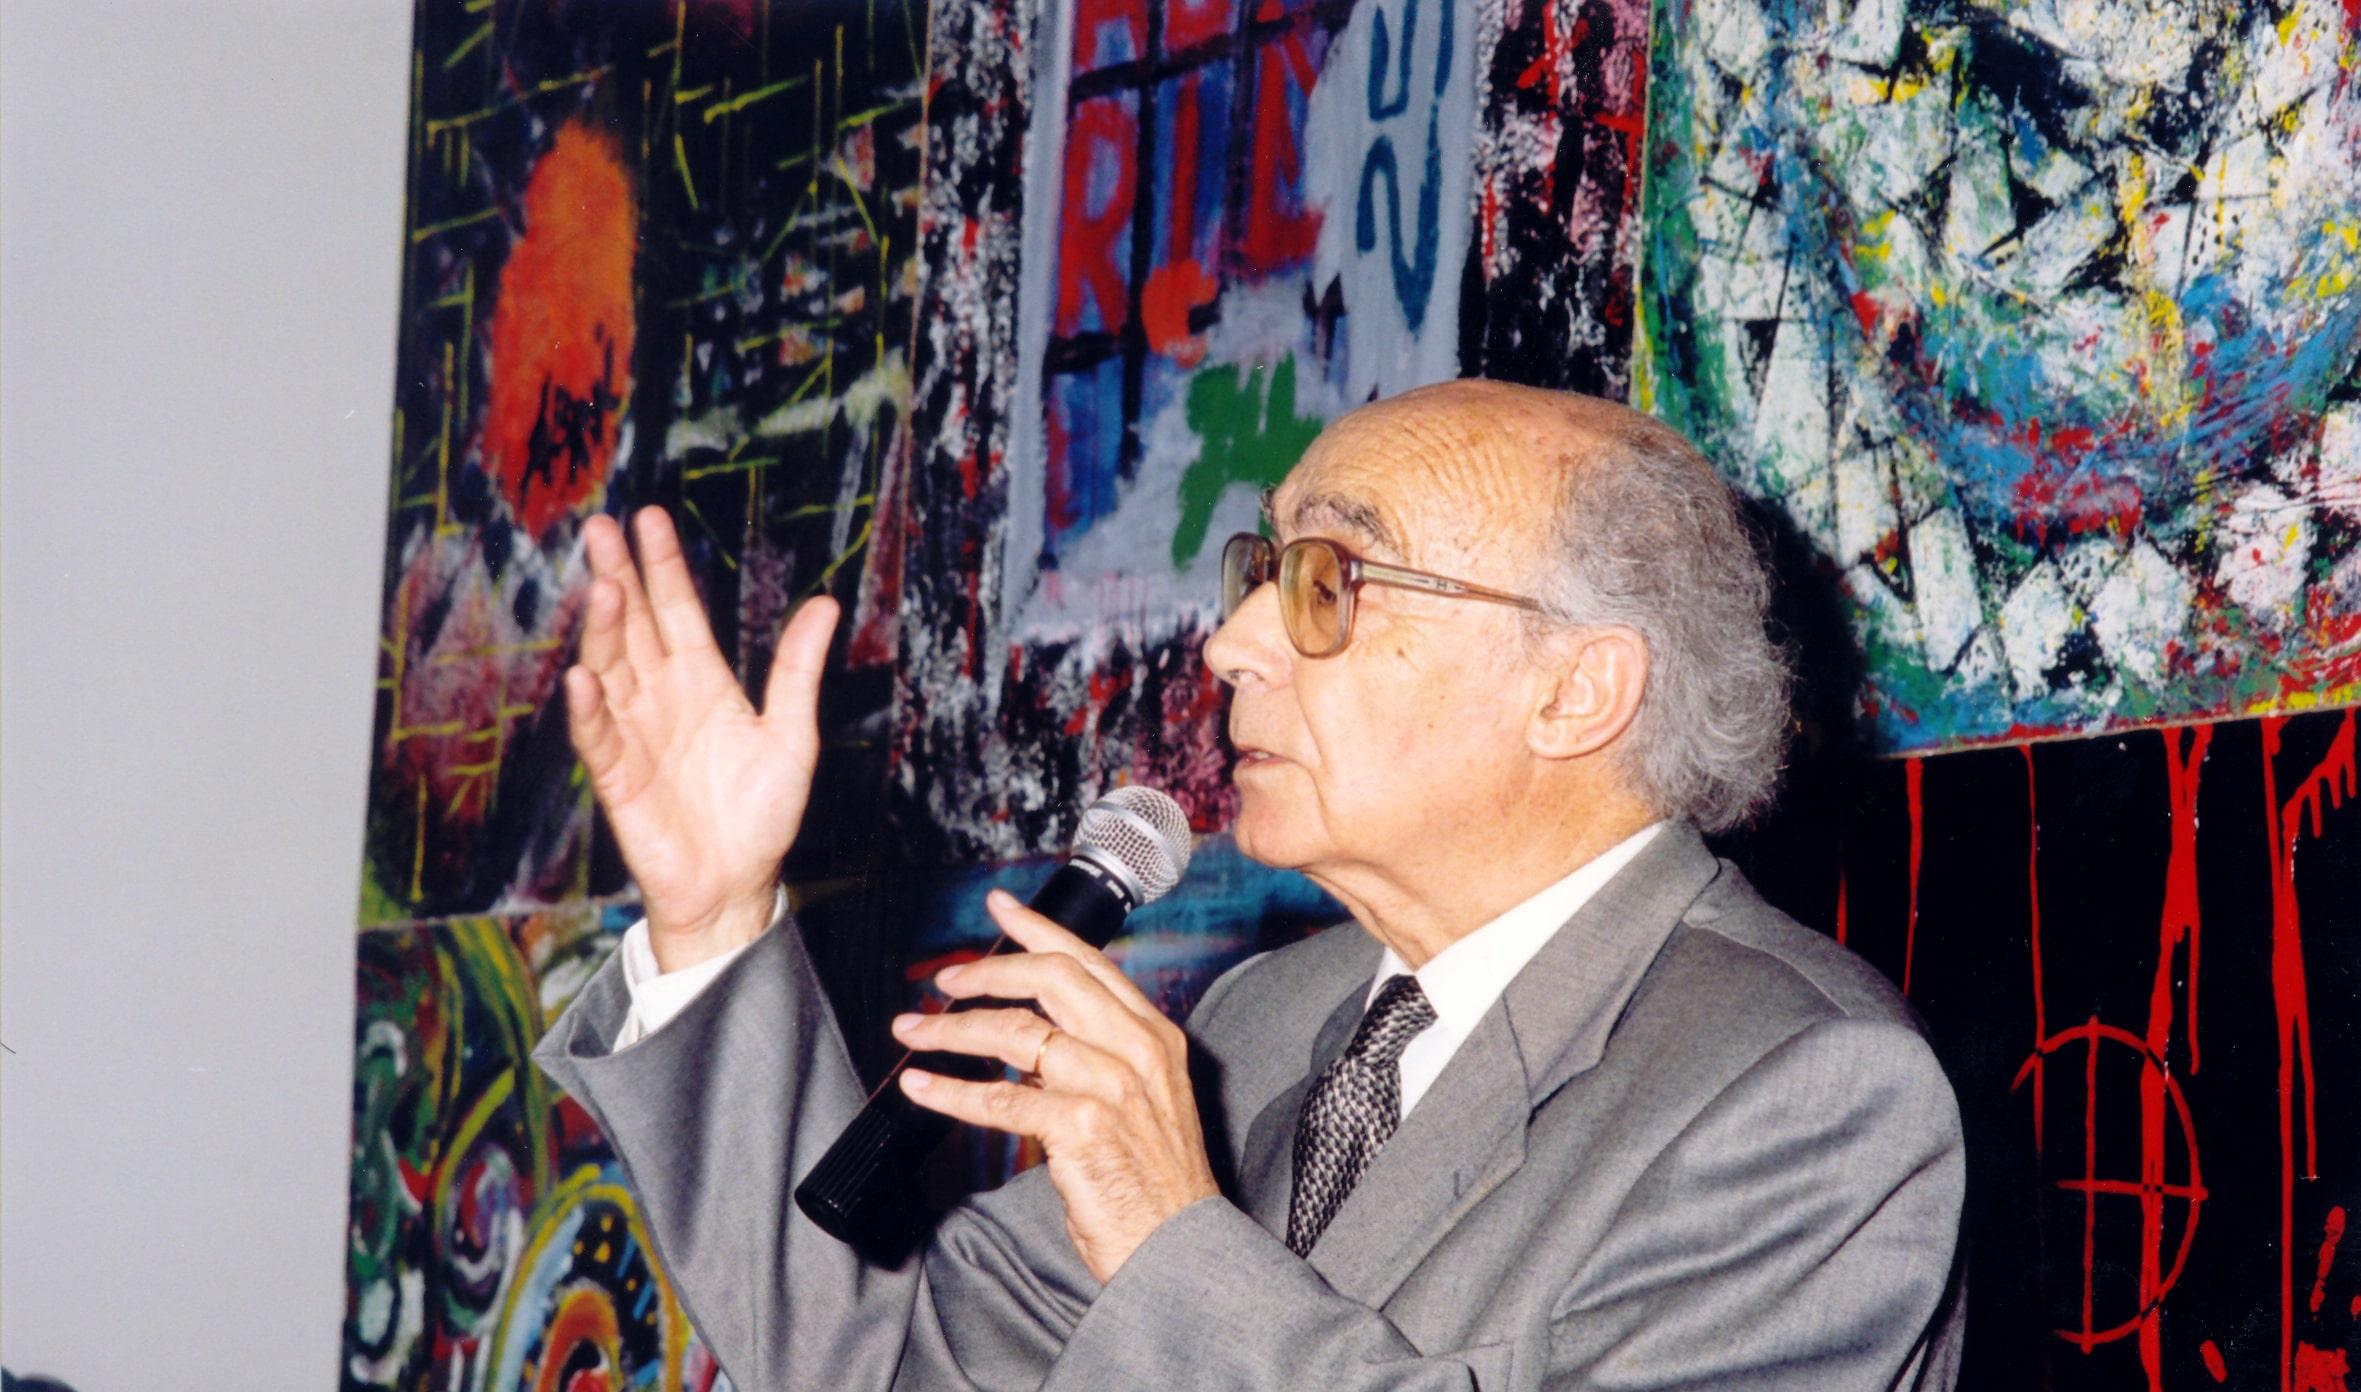 Município de Montemor-o-Novo relembra José Saramago